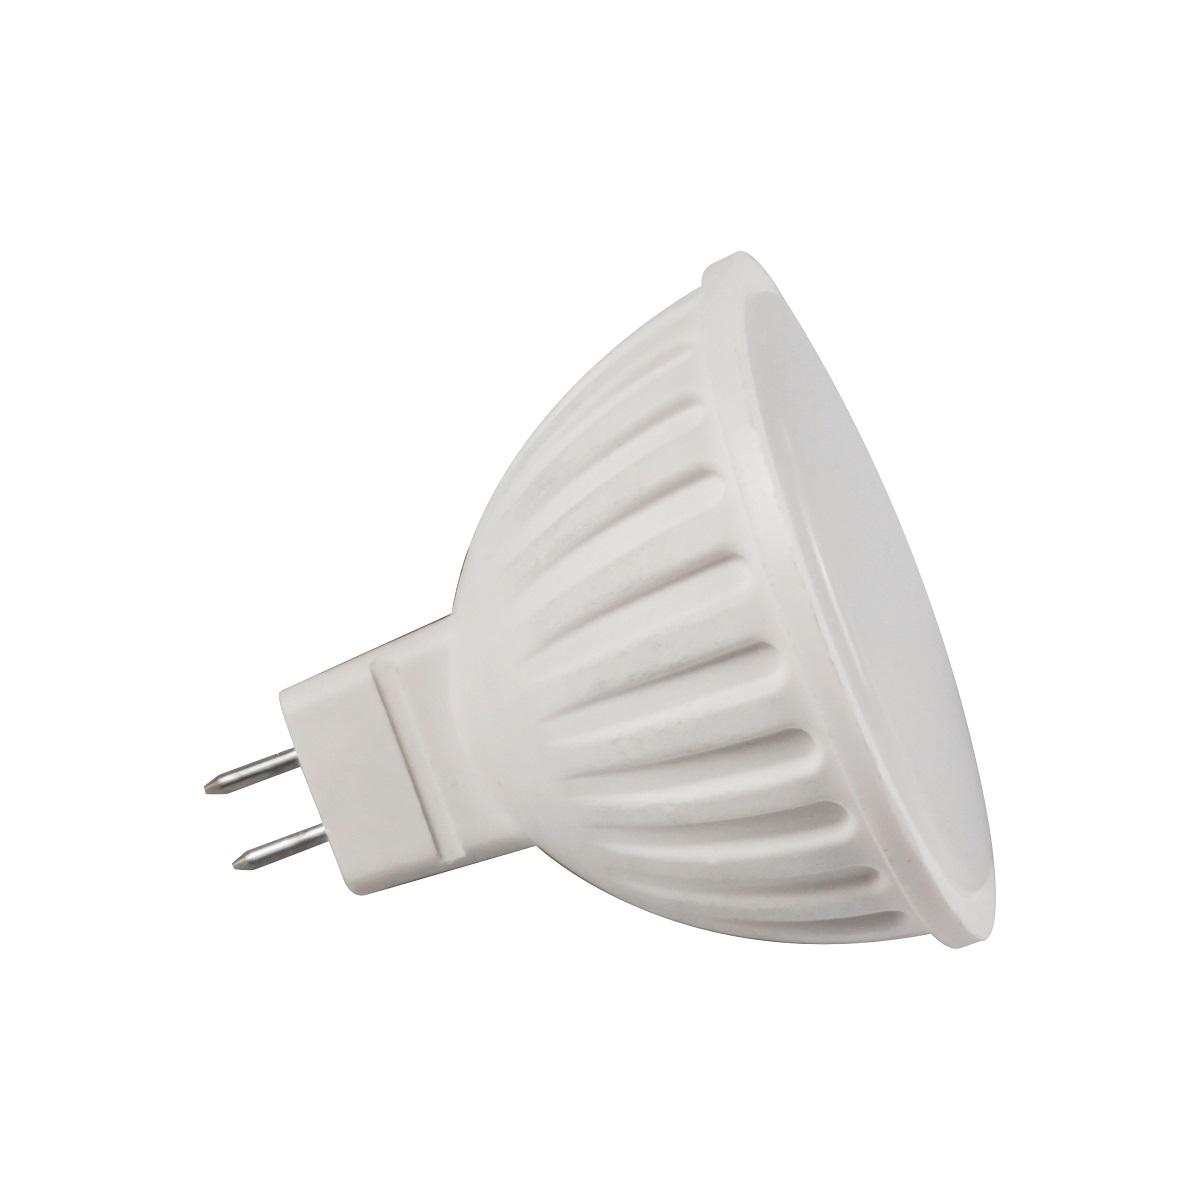 Лампа светодиодная Lieberg, нейтральный свет, цоколь GU5.3, 7WL0104040Светодиодная лампа (рефлектор) LIEBERG мощностью 7Вт - это инновационный и экологичный источник света, позволяющий сэкономить до 90% на электроэнергии. Лампа не пульсирует, ресурс составляет 40 000 часов работы. Угол свечения: 120°. Эффективный драйвер обеспечивает стабильную работу при резких перепадах входного напряжения (175 -265В).